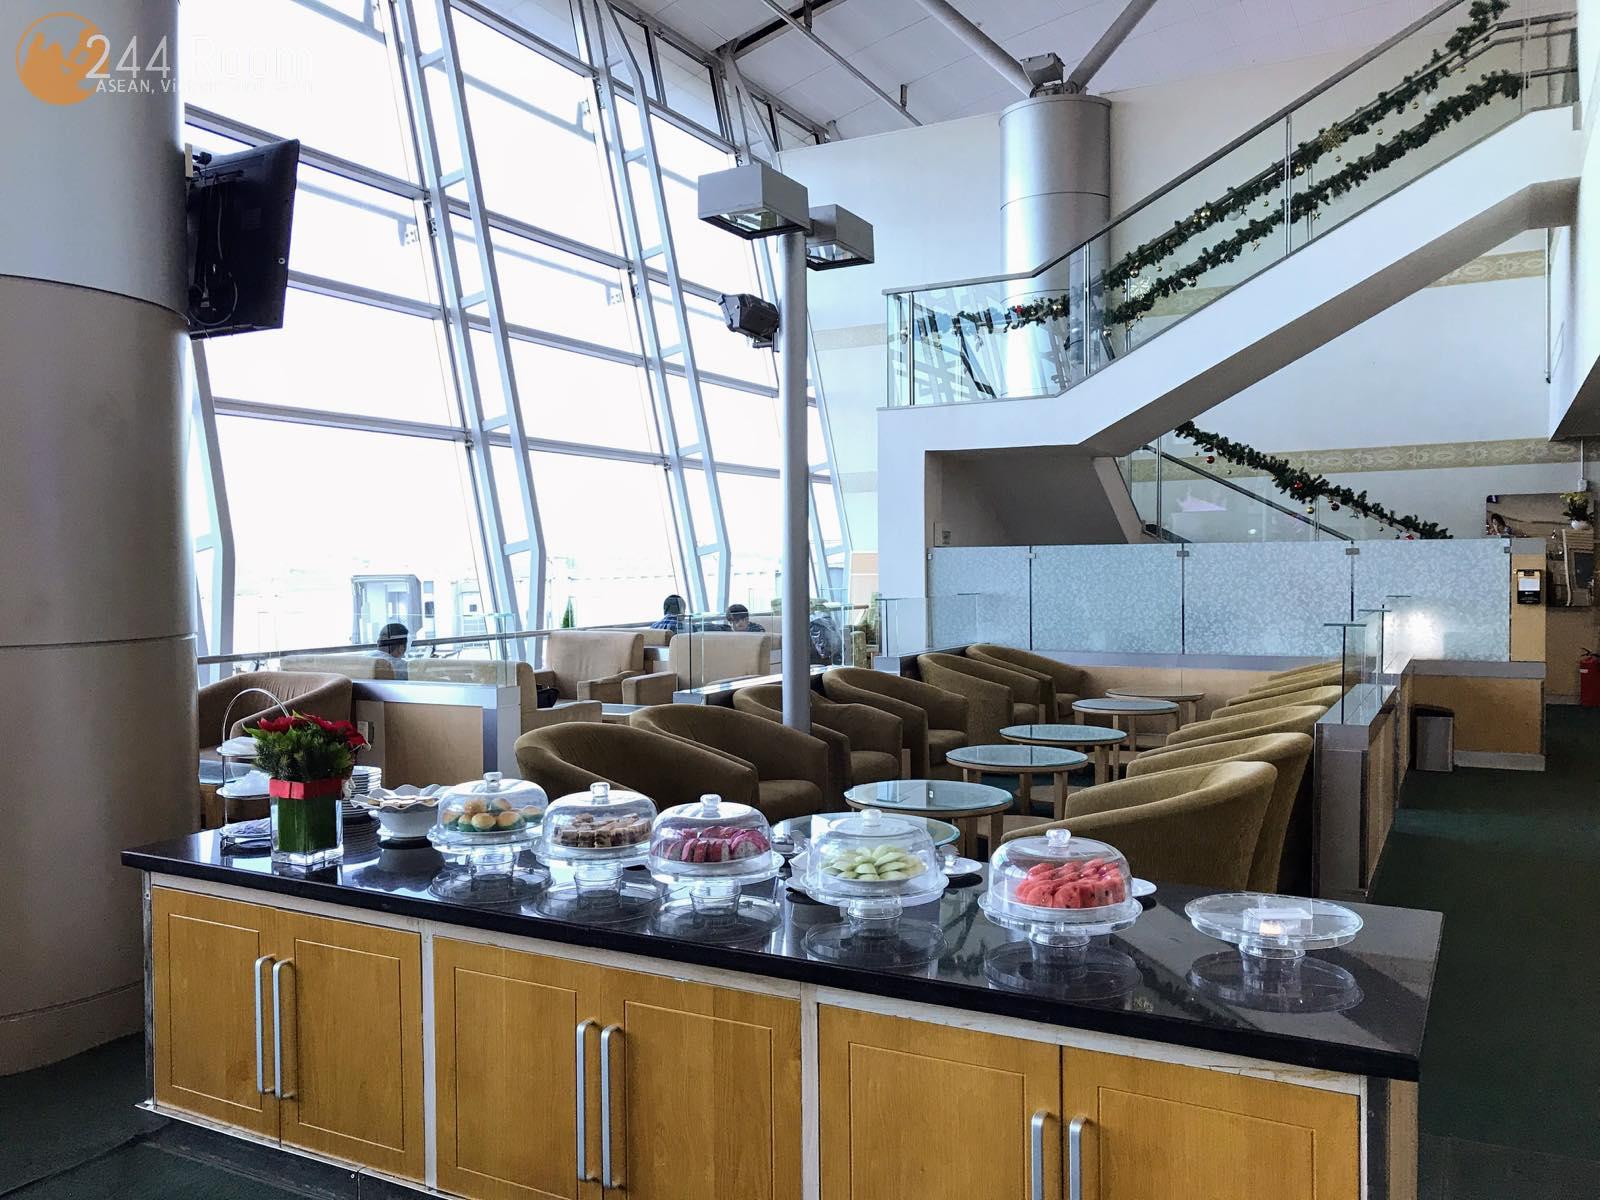 Tansonnhat Orchid Lounge タンソンニャット国際空港オーキッドラウンジ3